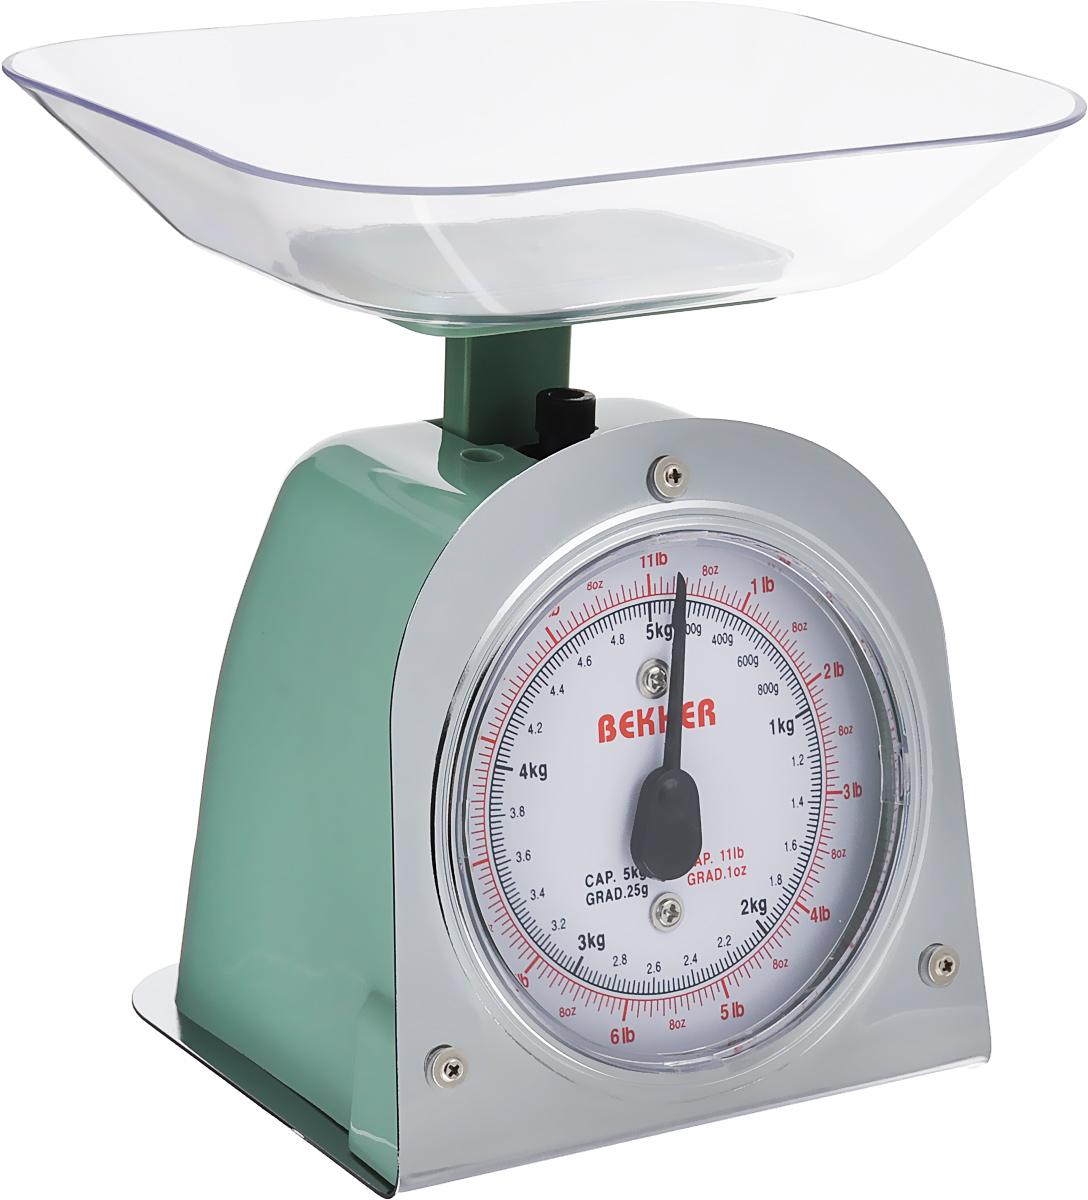 Весы кухонные Bekker Koch, цвет: зеленый, до 5 кгB5Весы кухонные Bekker Koch предназначены для взвешивания продуктов. Основание весов изготовлено из металла, а корпус из высококачественного пластика. Весы имеют регулятор мерной шкалы и съемную чашу, изготовленную из пластика. Весы выдерживают до 5 килограмм веса. Кухонные весы Bekker Koch придутся по душе каждой хозяйке и станут незаменимым аксессуаром на кухне.Размер весов (с учетом чаши): 13,5 см х 12 см х 19 см. Цена деления: 25 г. Максимальная нагрузка: 5 кг. Размер съемной чаши: 17,8 см х 15 см х 3,5 см.